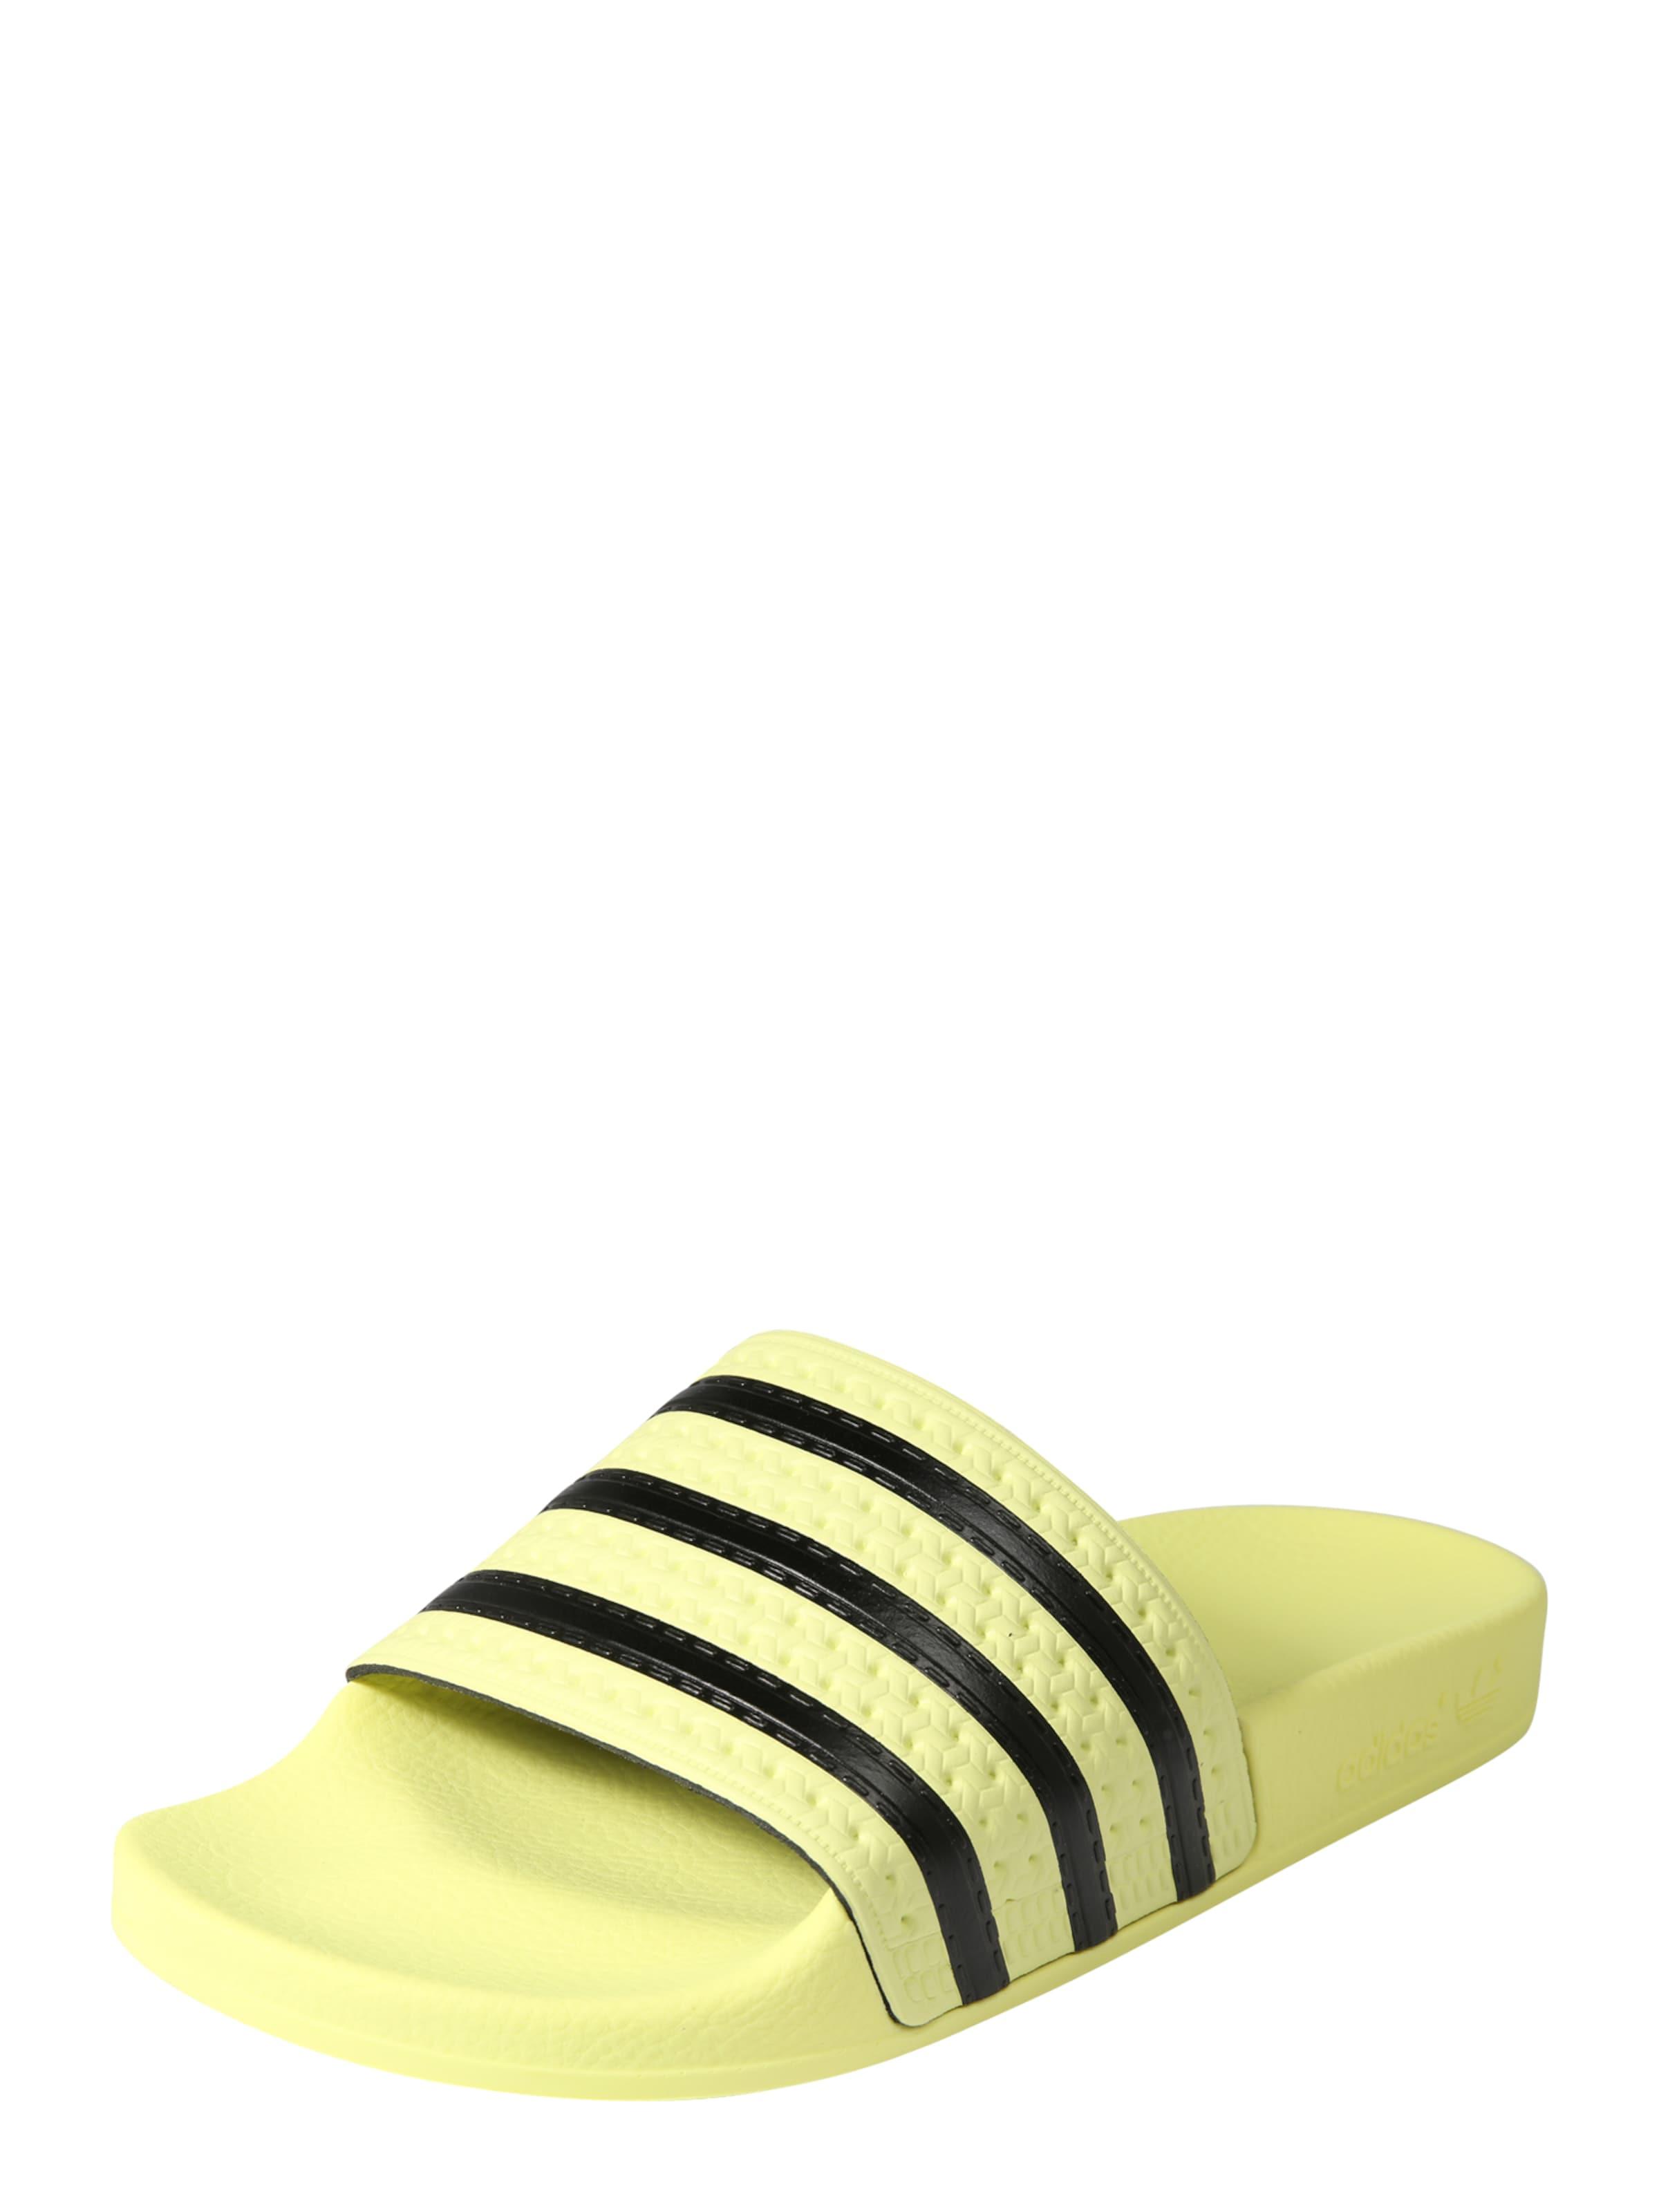 Originals Mule Noir Jaune 'adilette' En Pastel Adidas O81wqRdR